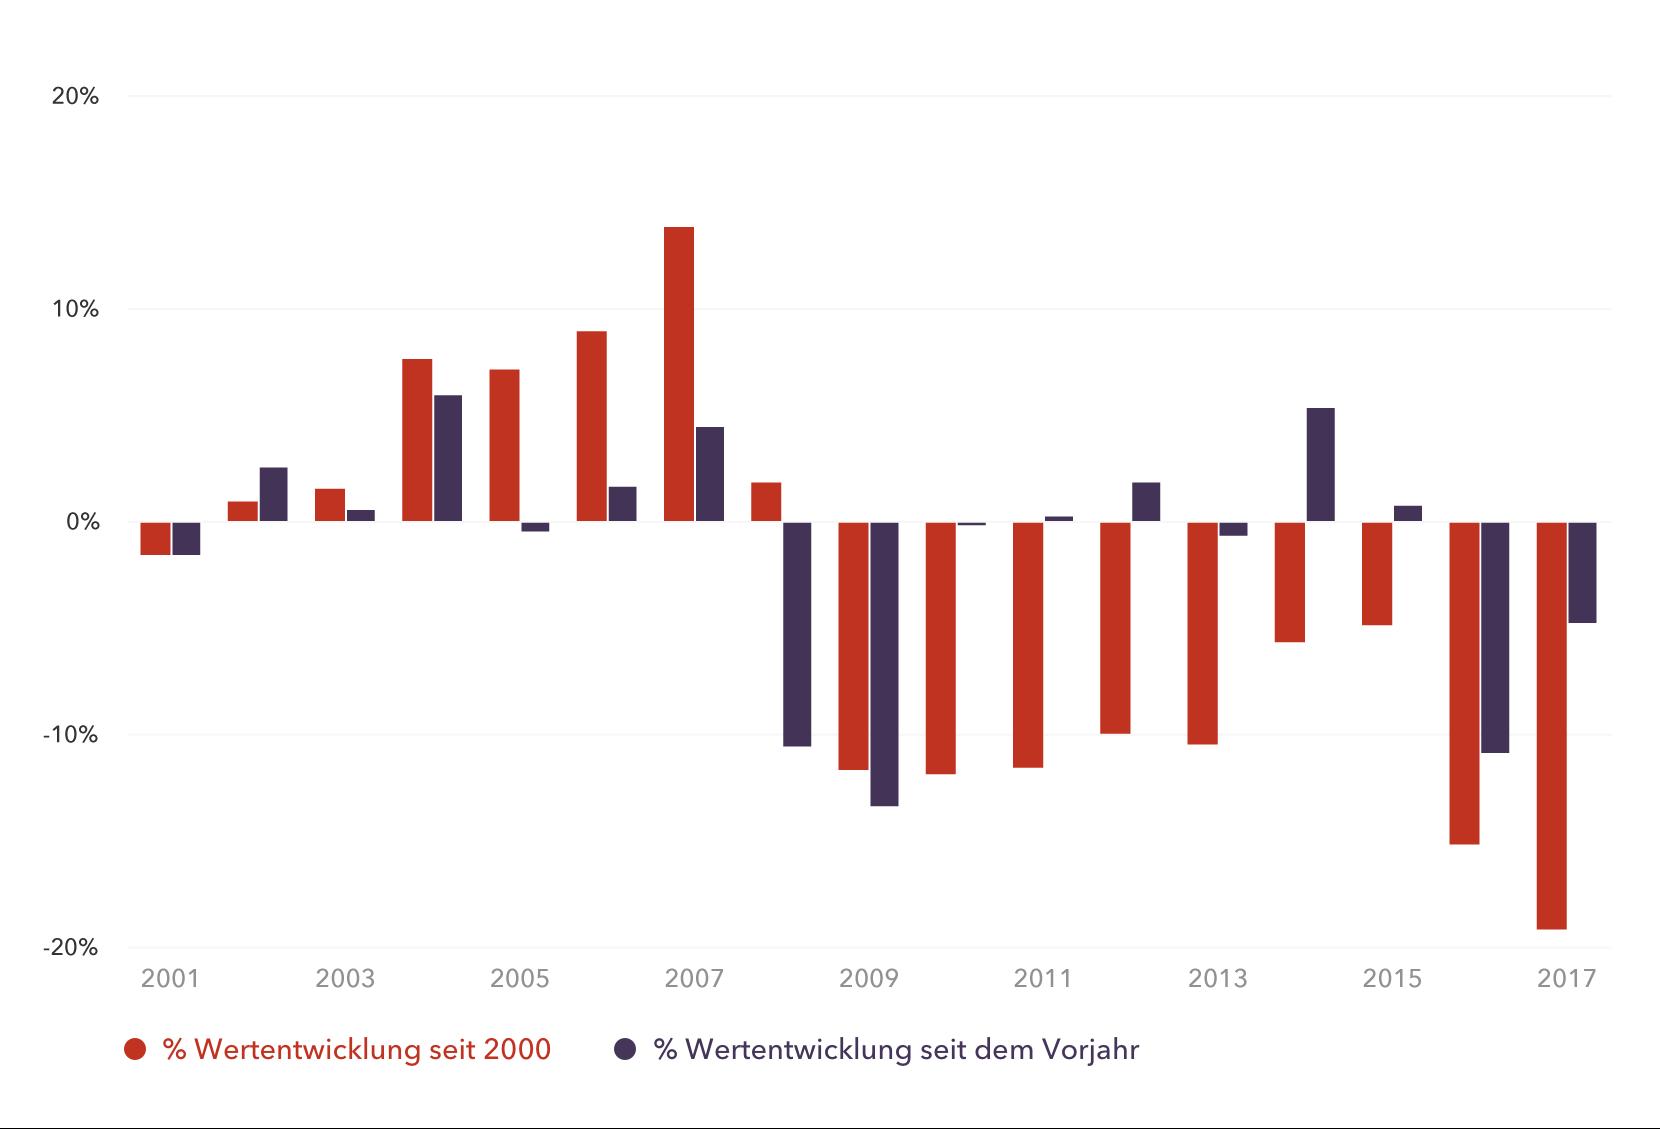 Wertentwicklung seit 2000, Britisches Pfund, GBP